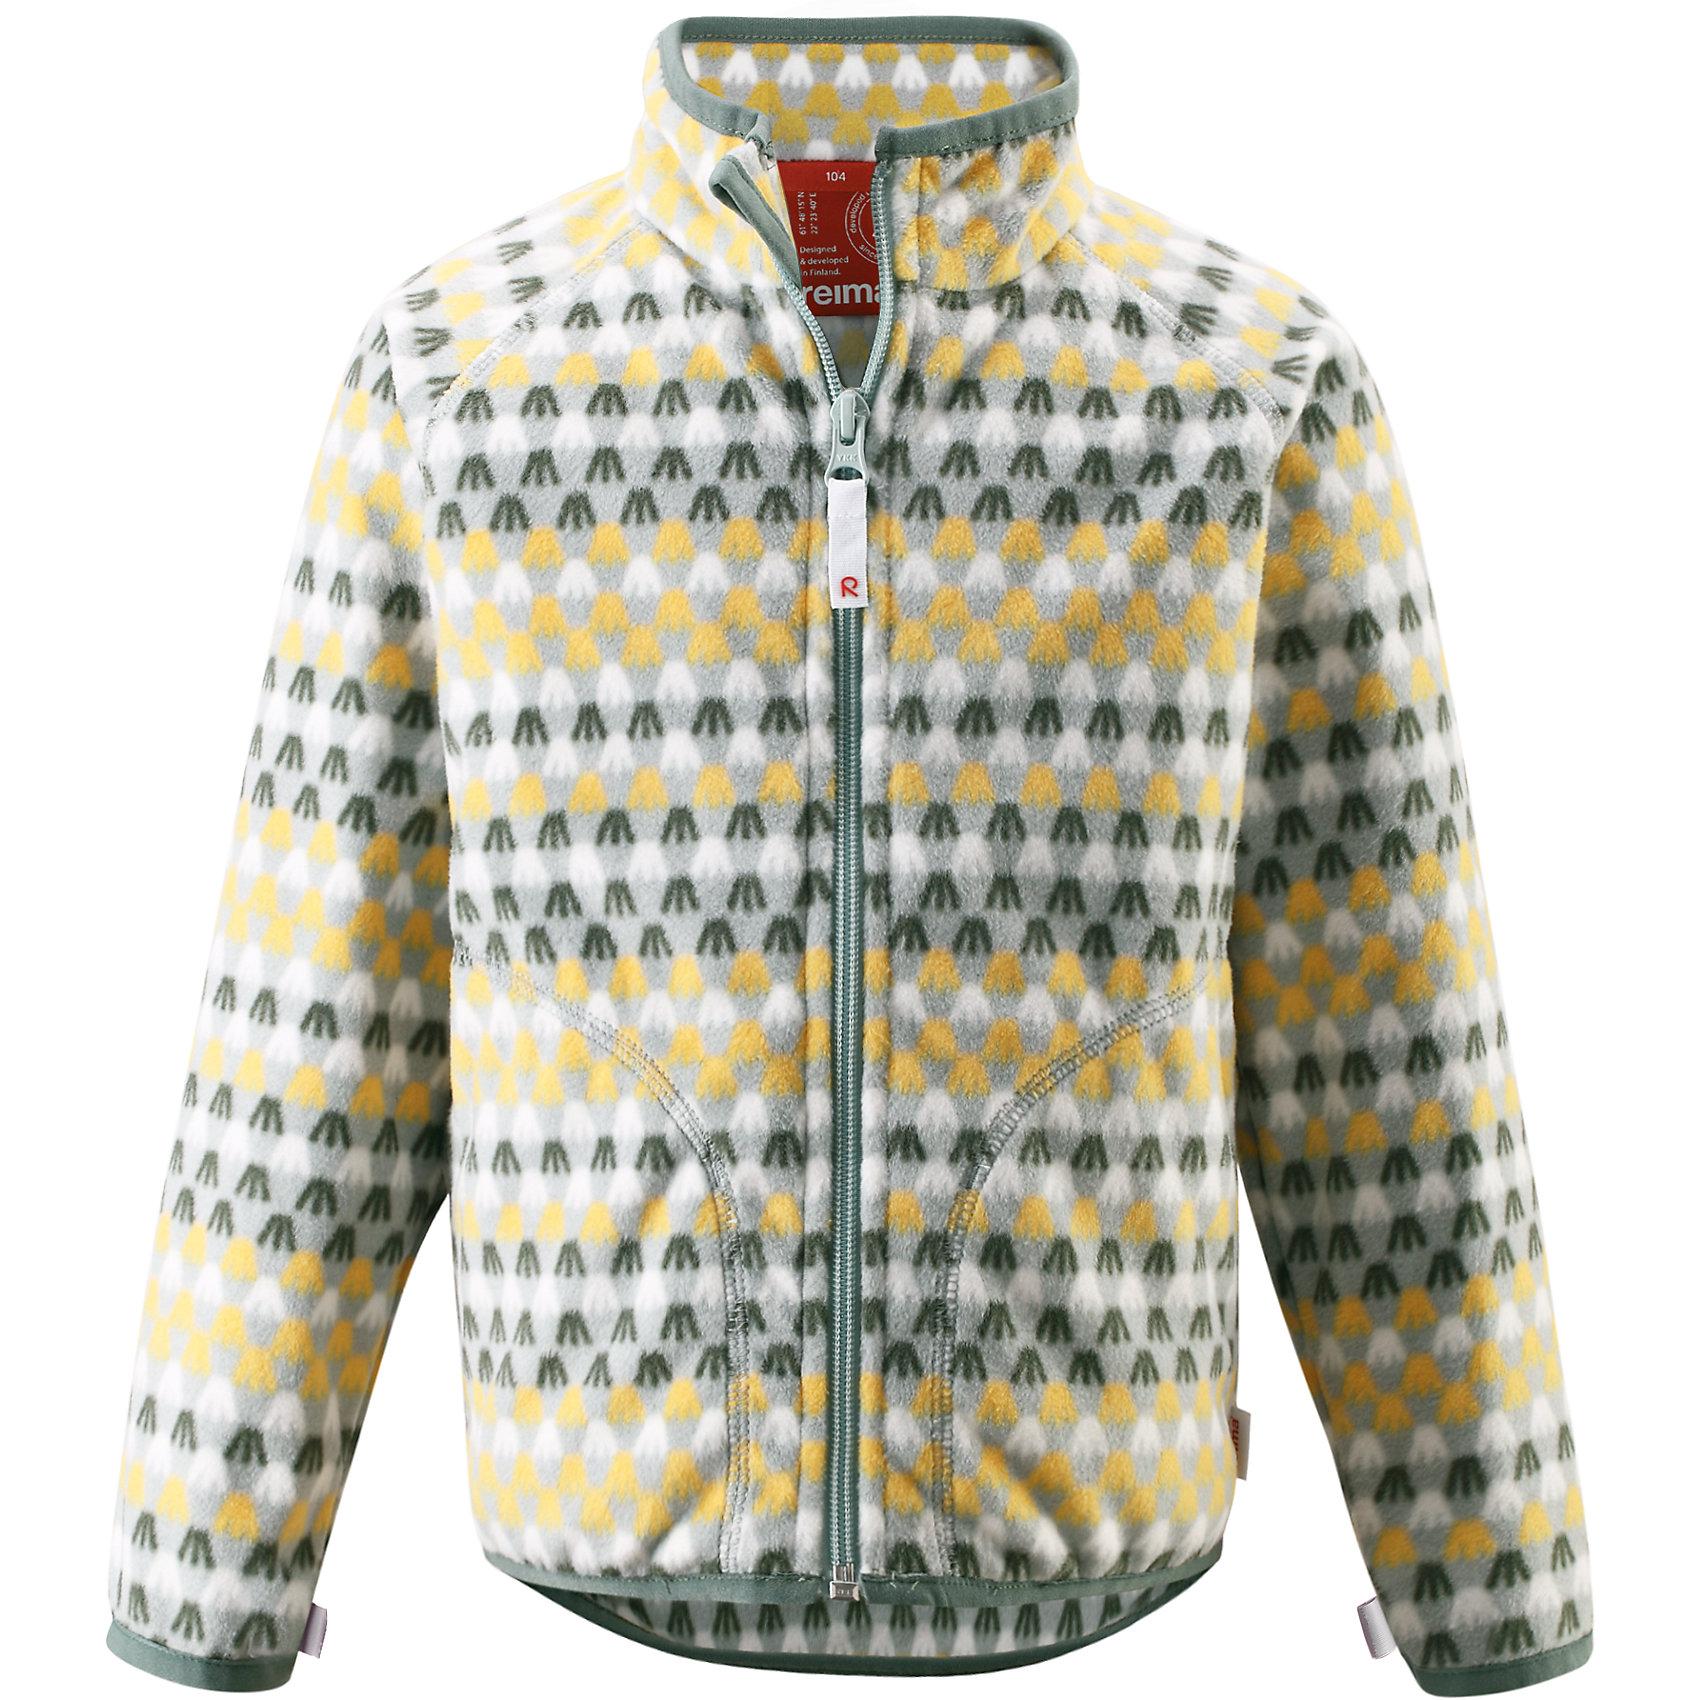 Reima Куртка флисовая Steppe Reima reima куртка флисовая steppe reima